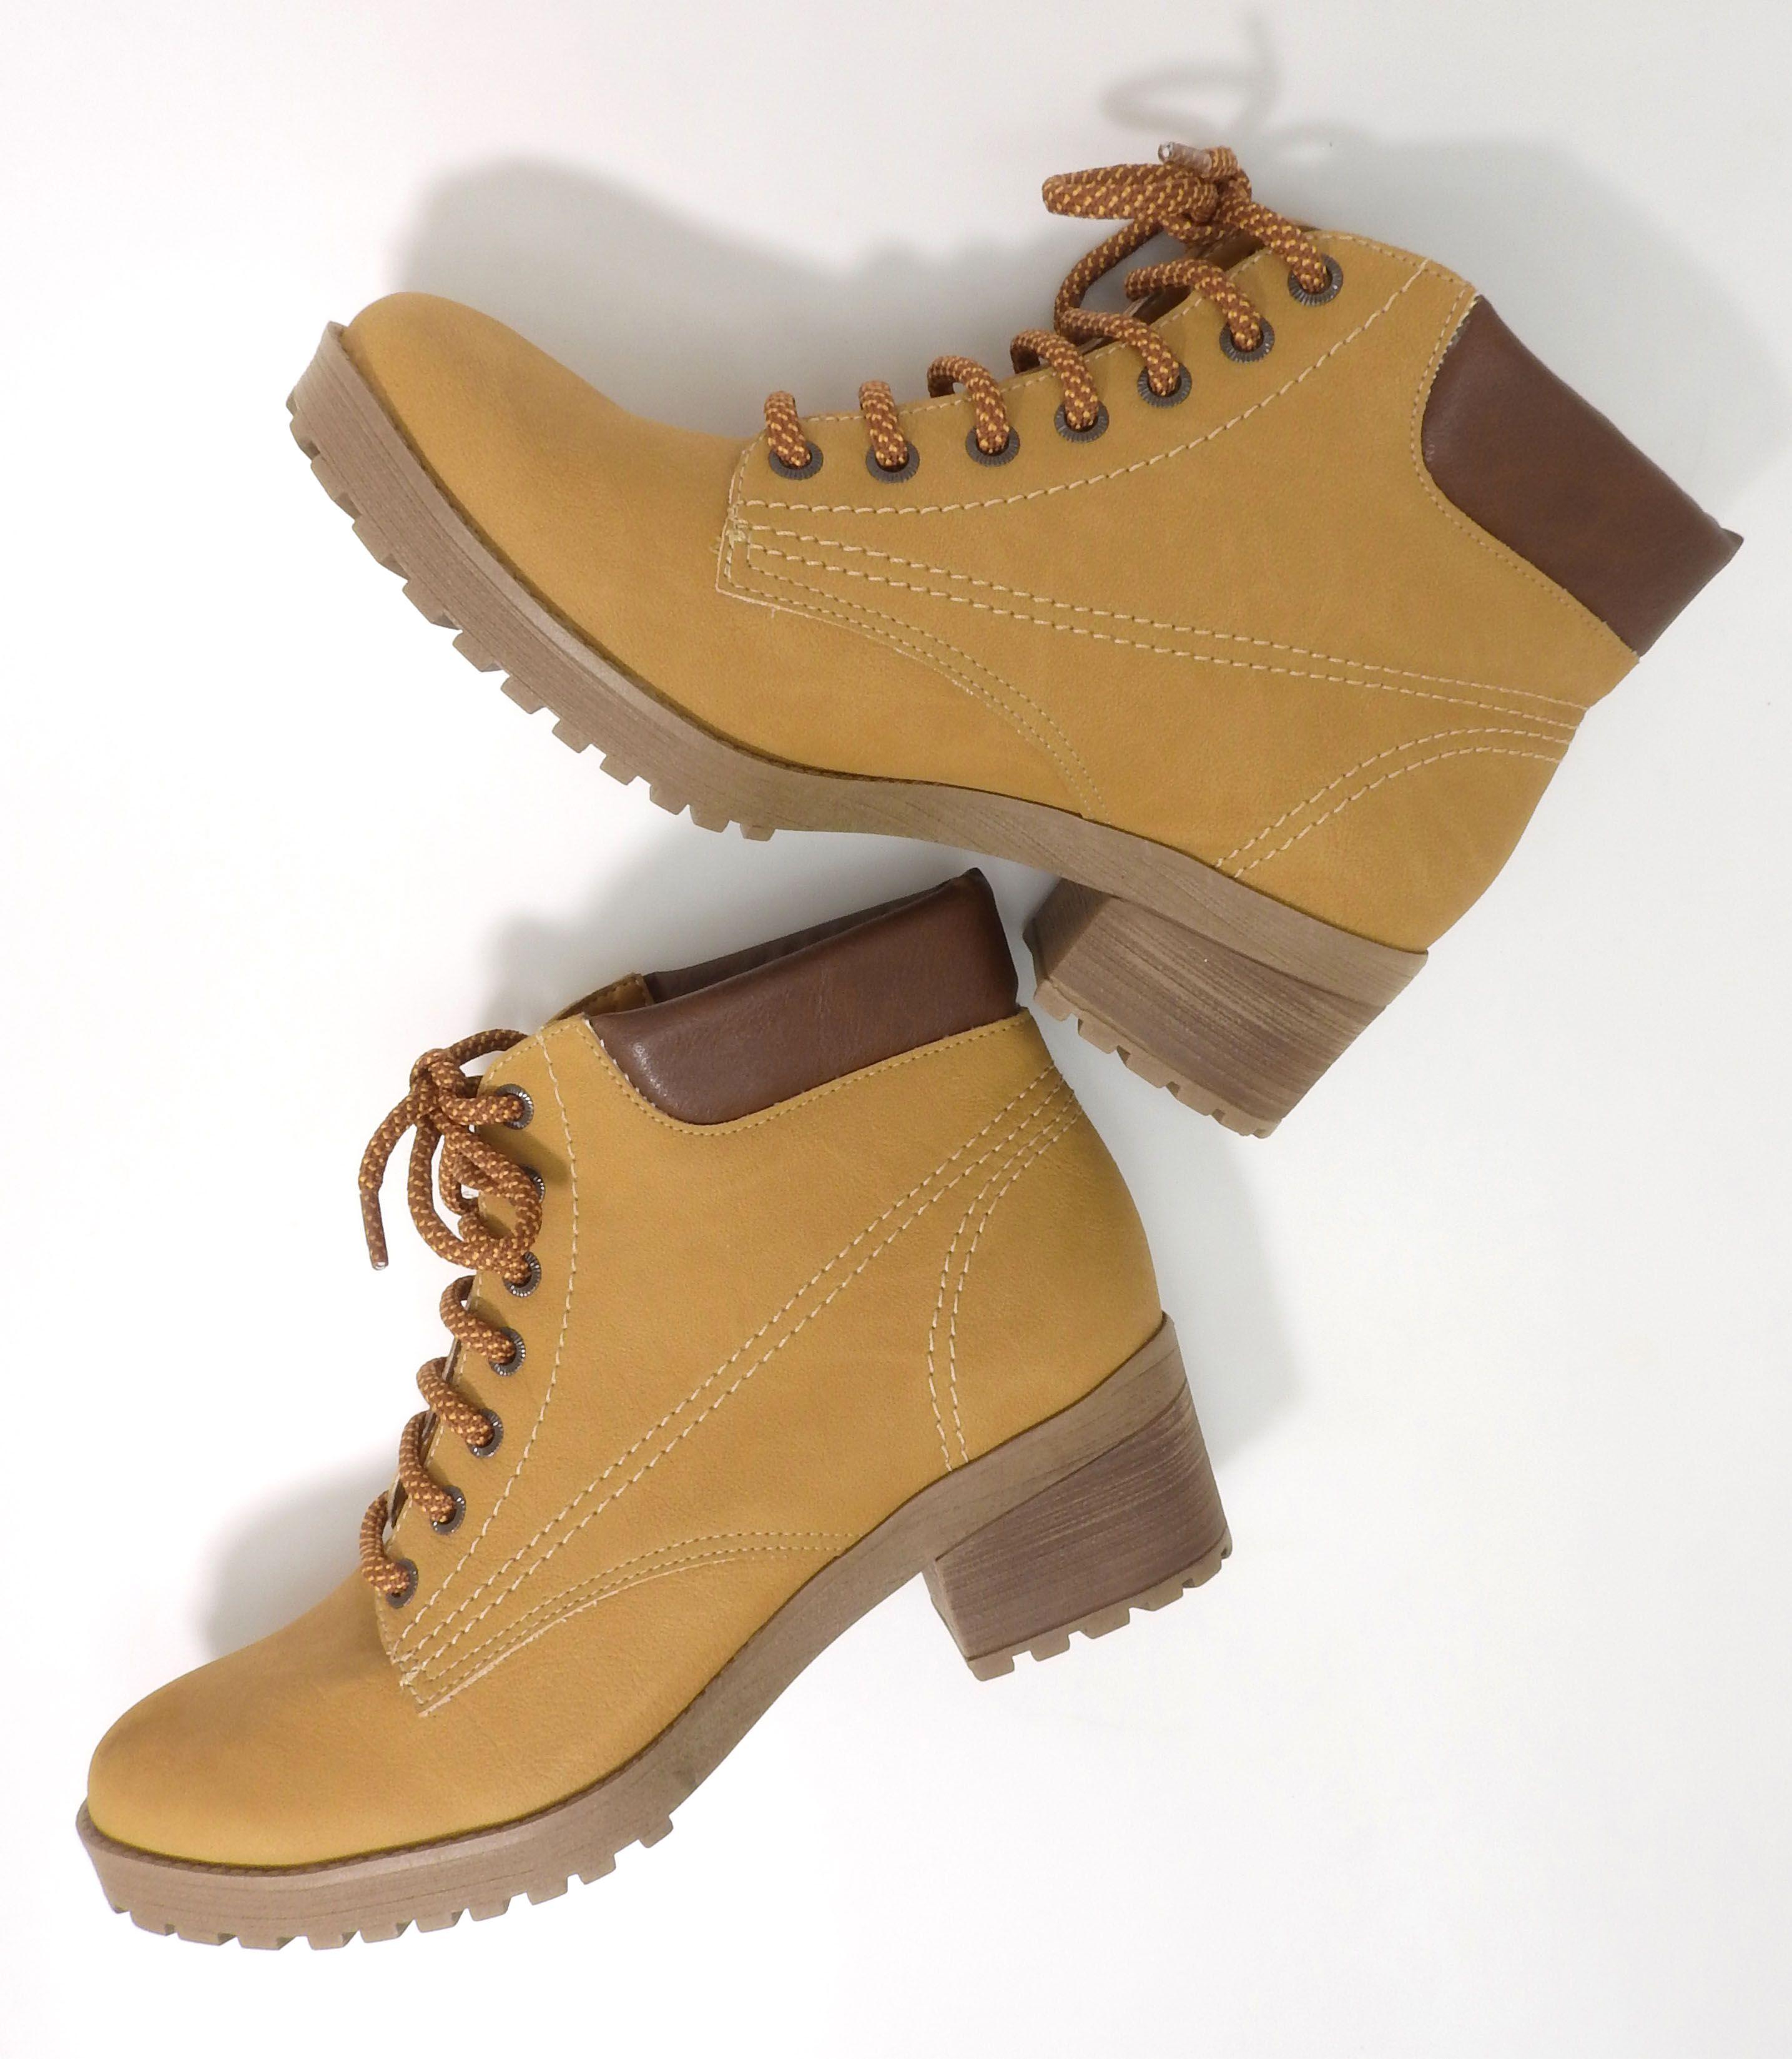 9073b9d442 coturno - botas - boots - Inverno 2016 - Ref. 16-4906 Bota Feminina